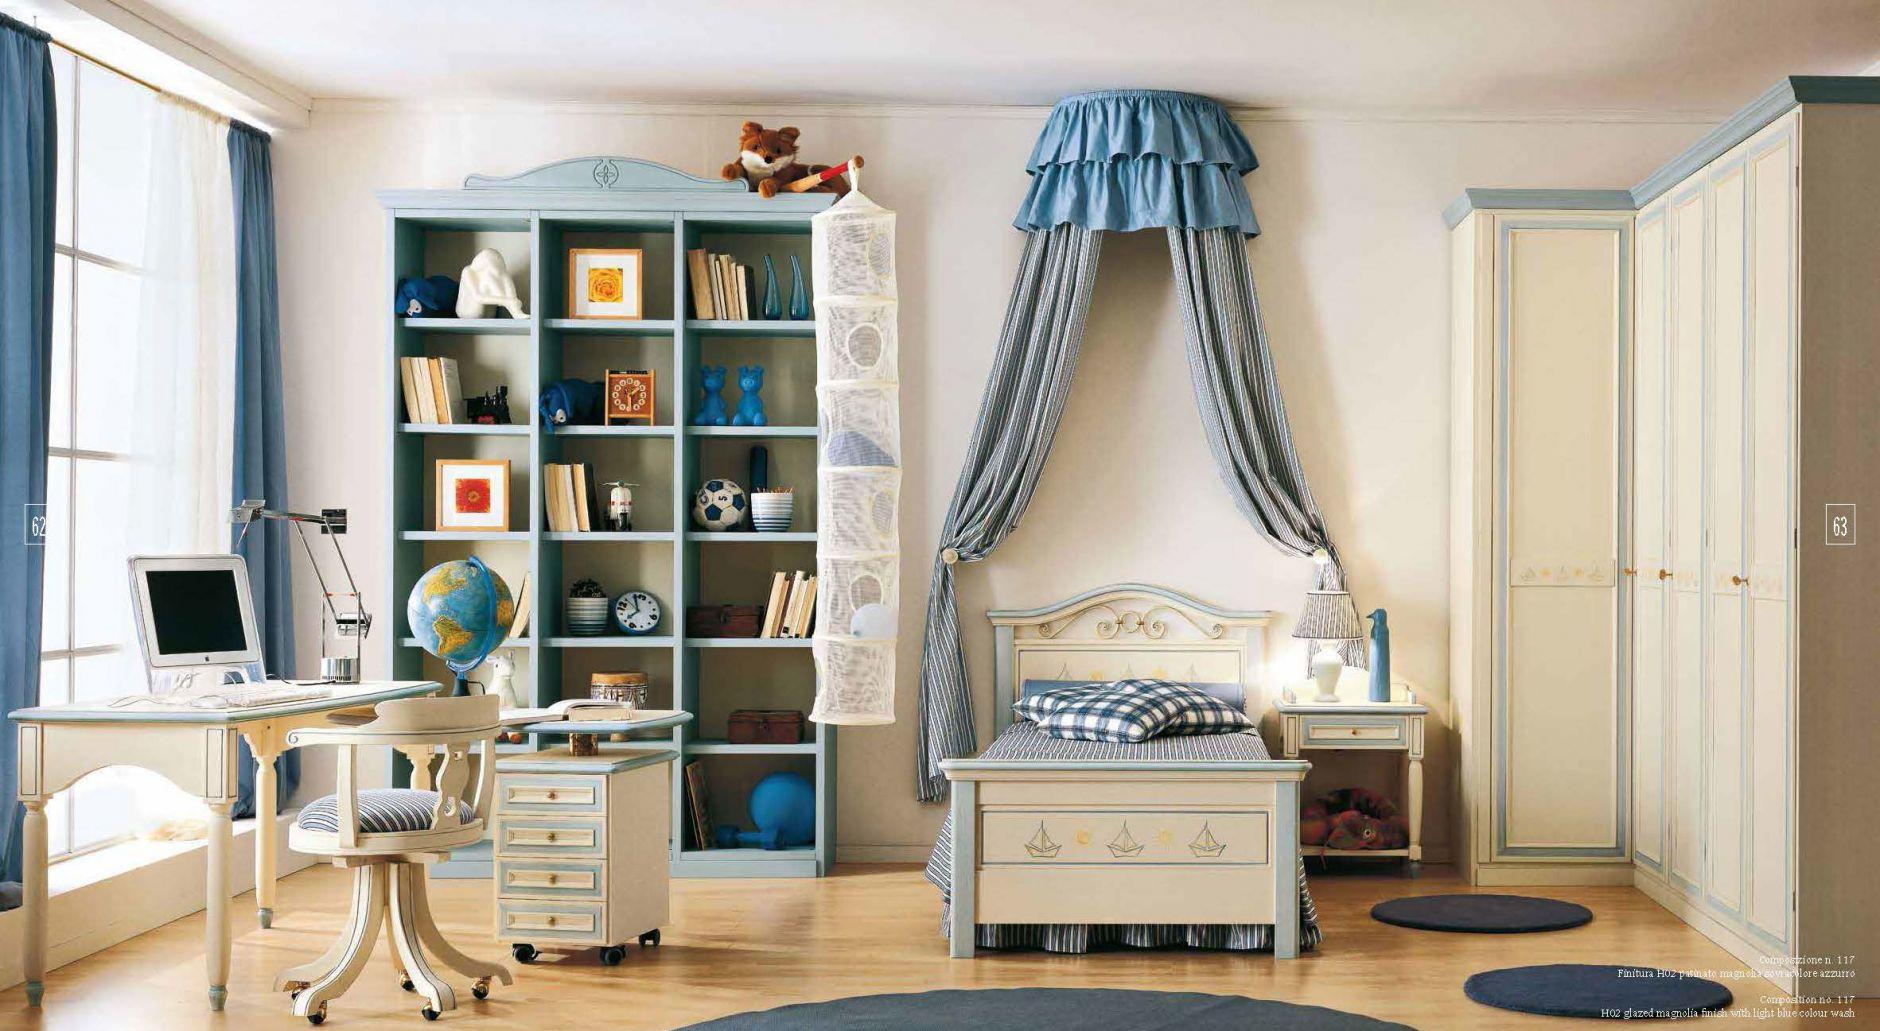 kinderm bel kinder schlafzimmer ferretti ferretti zusammensetzung 117die m bel aus italien. Black Bedroom Furniture Sets. Home Design Ideas